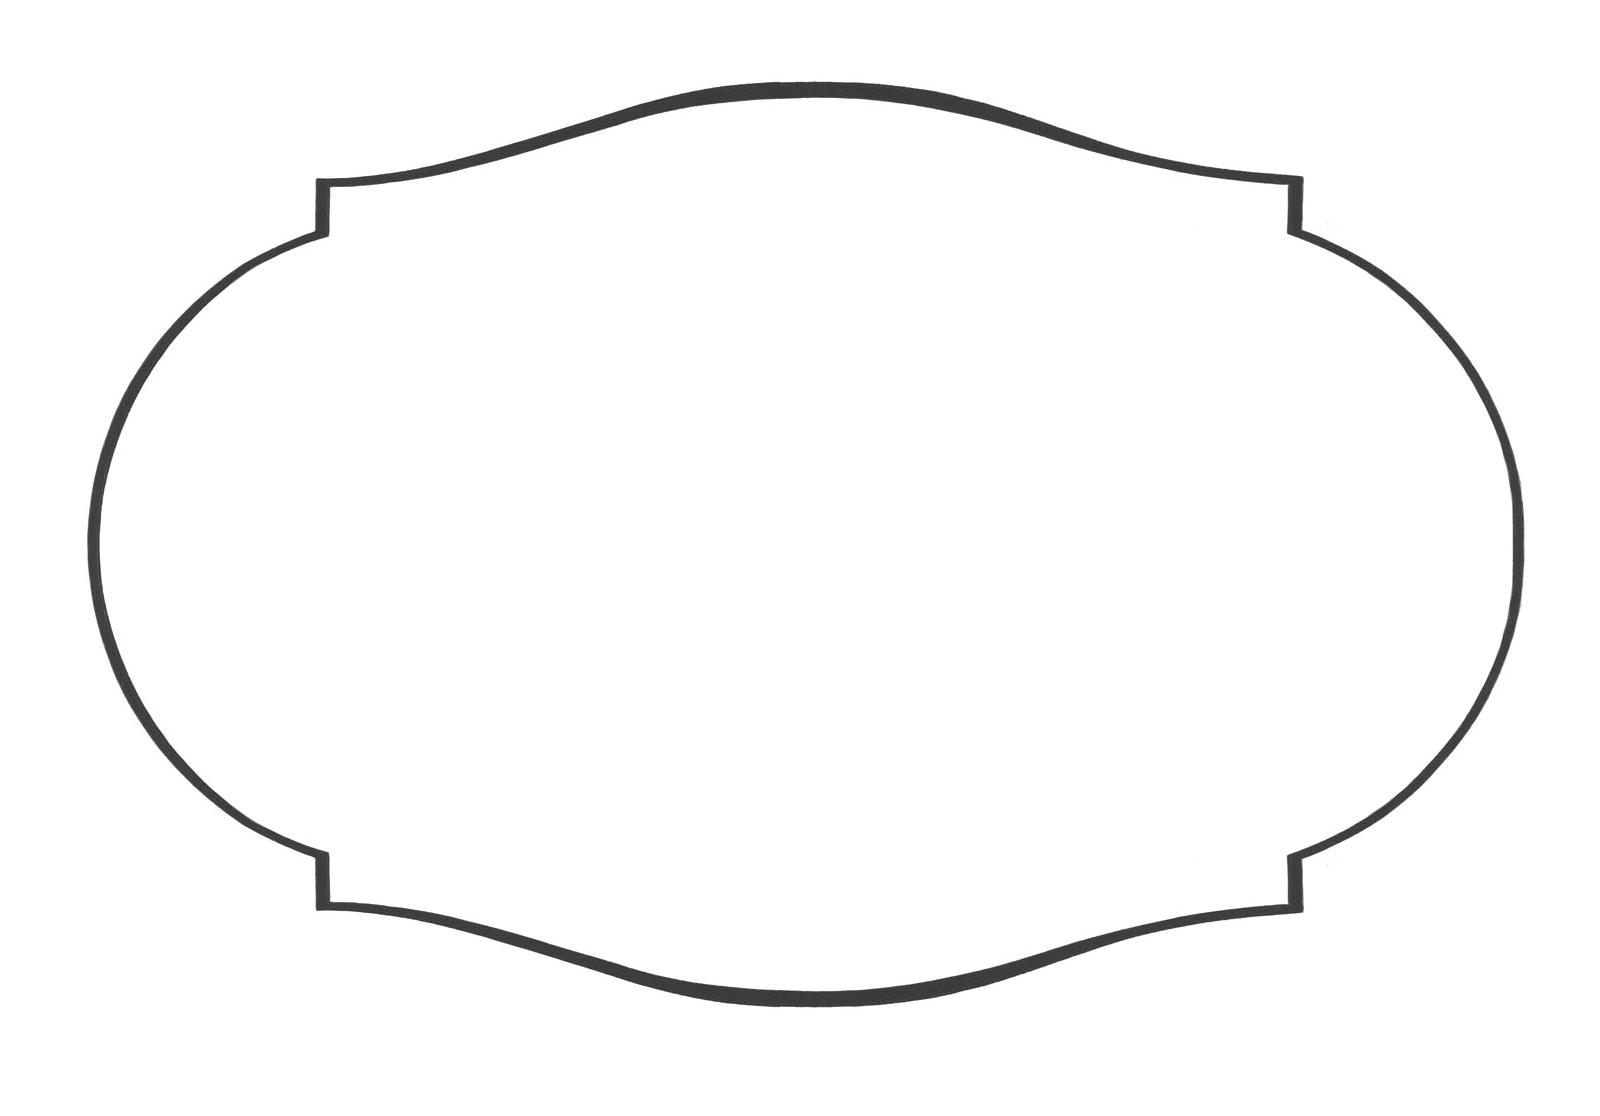 Free vintage shape cliparts. Label clipart label outline